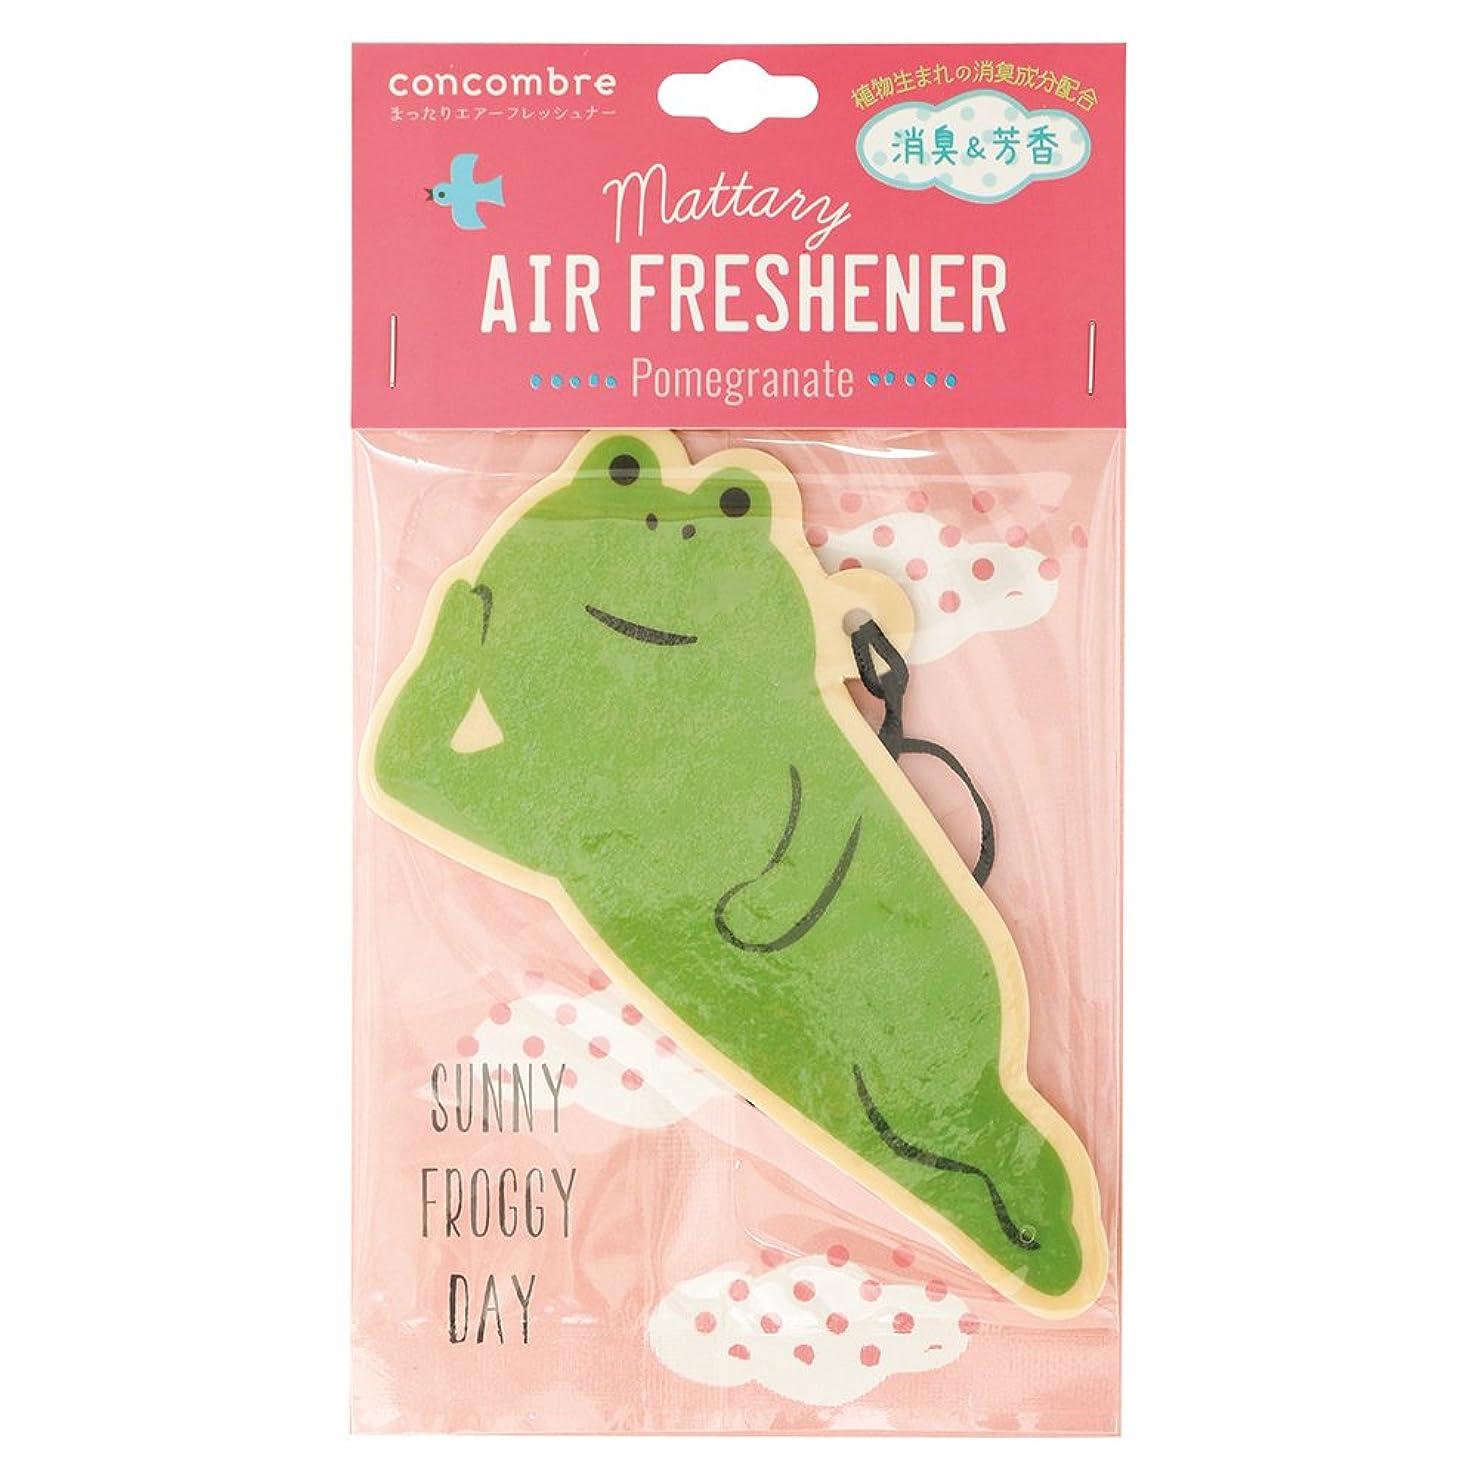 モック真実アクセスできないconcombre 芳香剤 まったりエアーフレッシュナー 吊り下げ 消臭成分配合 ざくろの香り OA-DKA-5-3